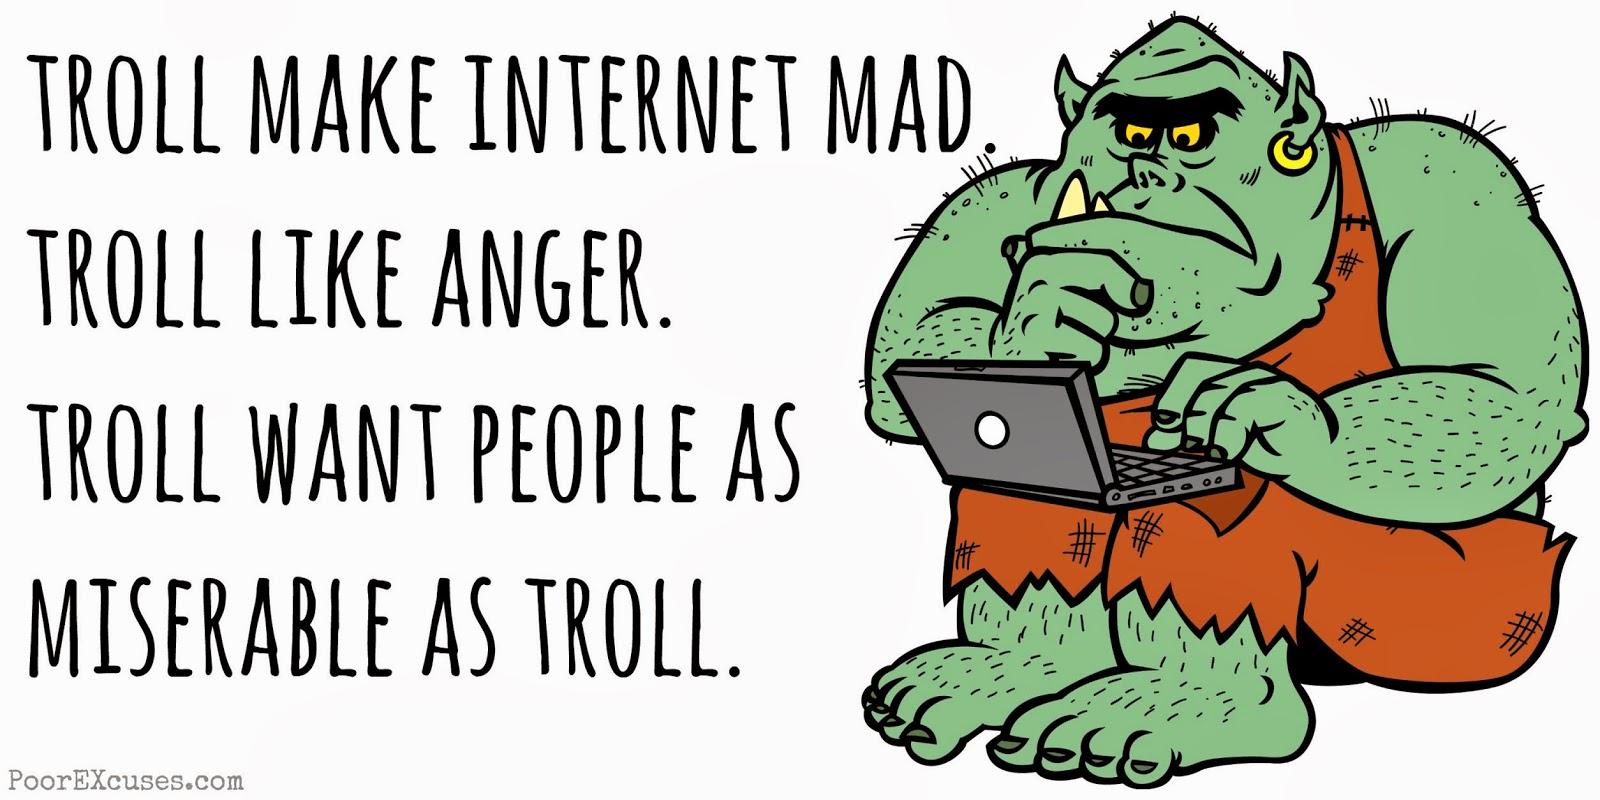 троллинг во  интернете почто это